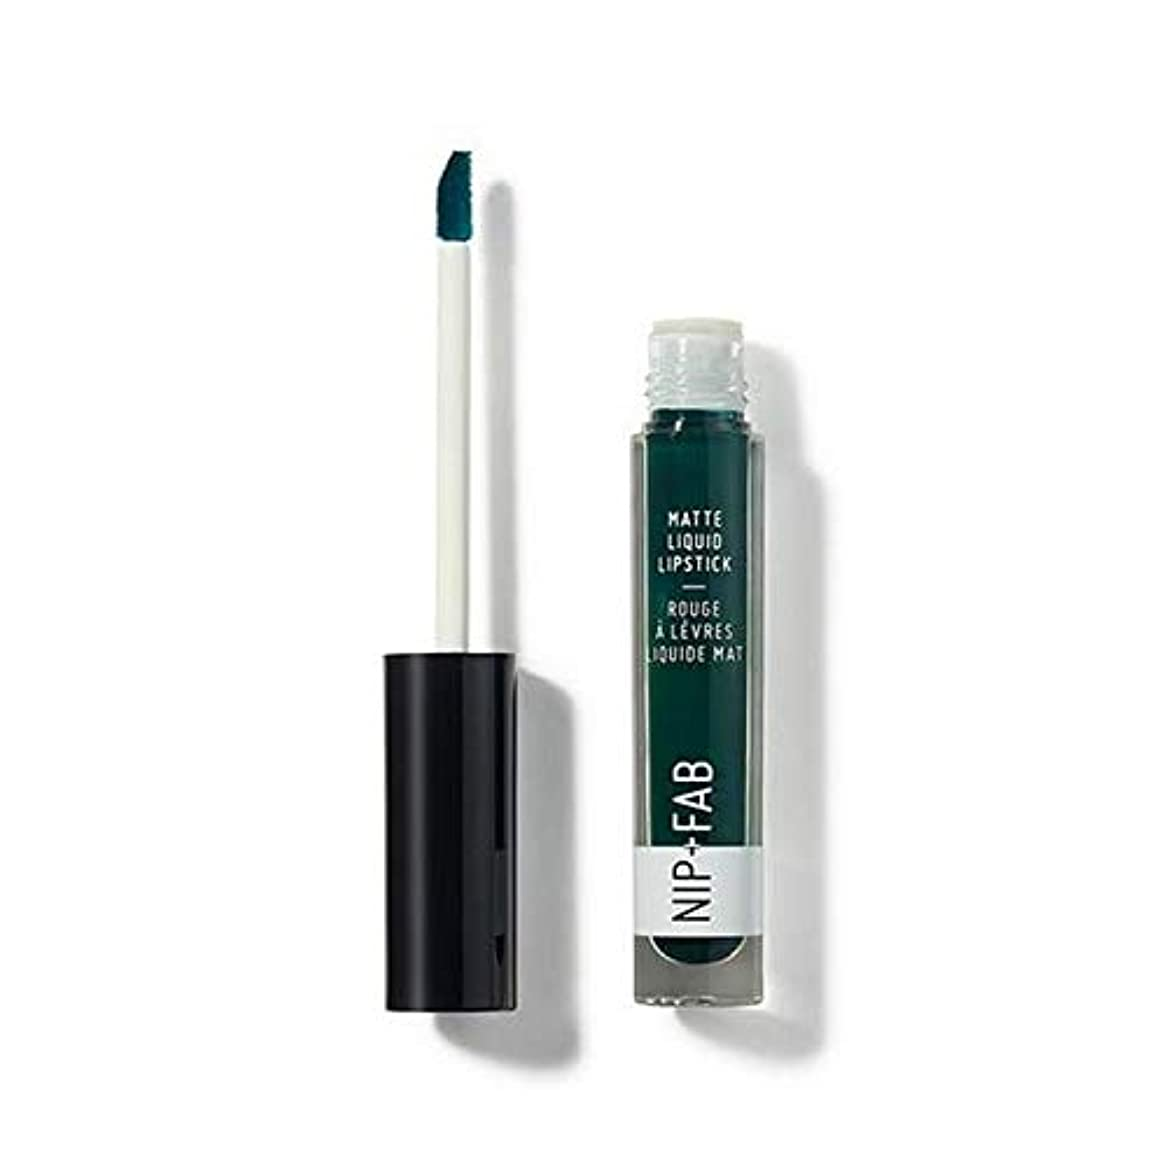 露透明に糸[Nip & Fab ] + Fabマット液状口紅クールミント65ニップ - Nip+Fab Matte Liquid Lipstick Cool Mint 65 [並行輸入品]